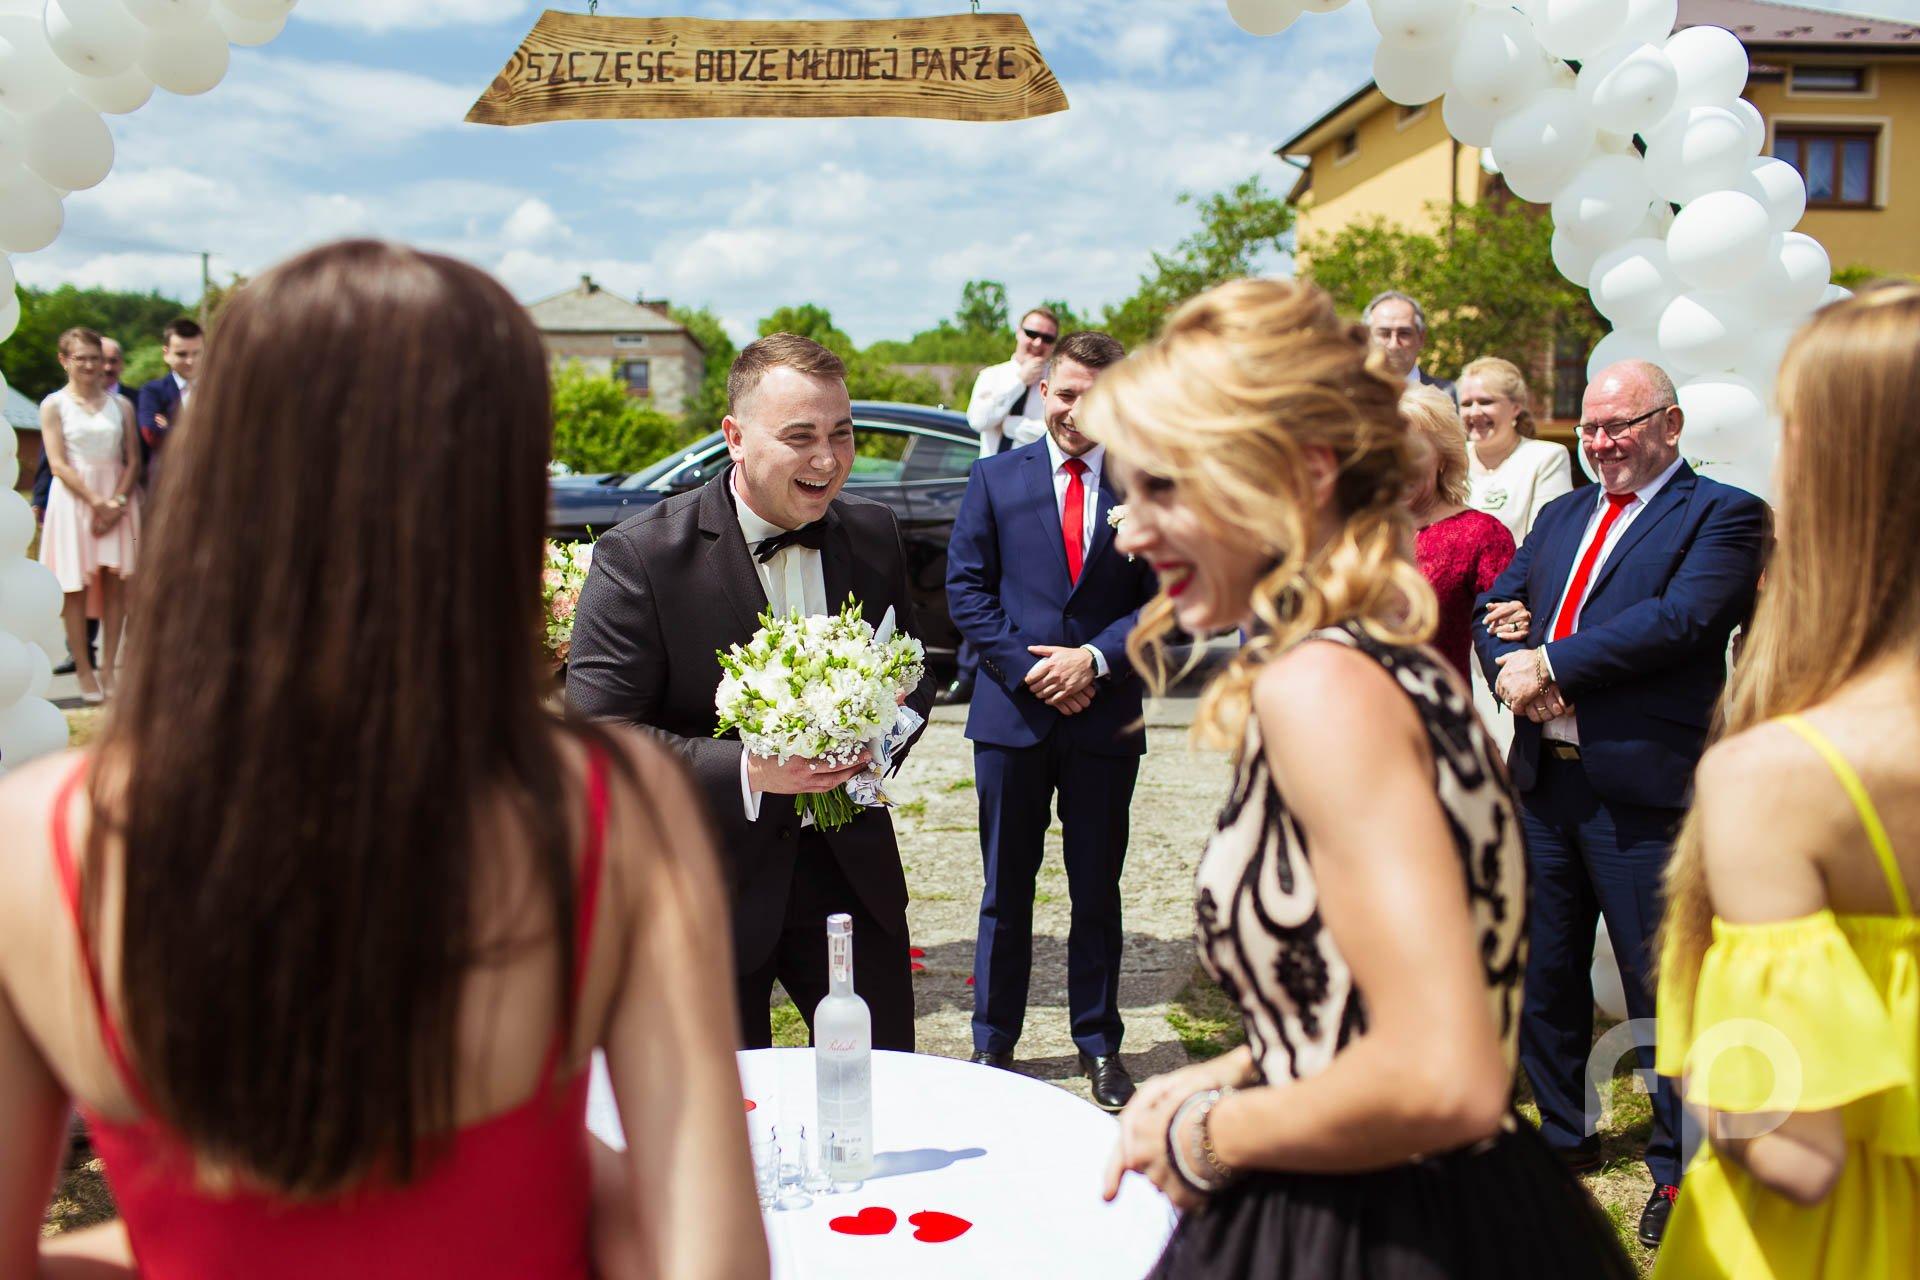 najlepsze rustykalne zdjęcia ślubne fotograf rzeszów